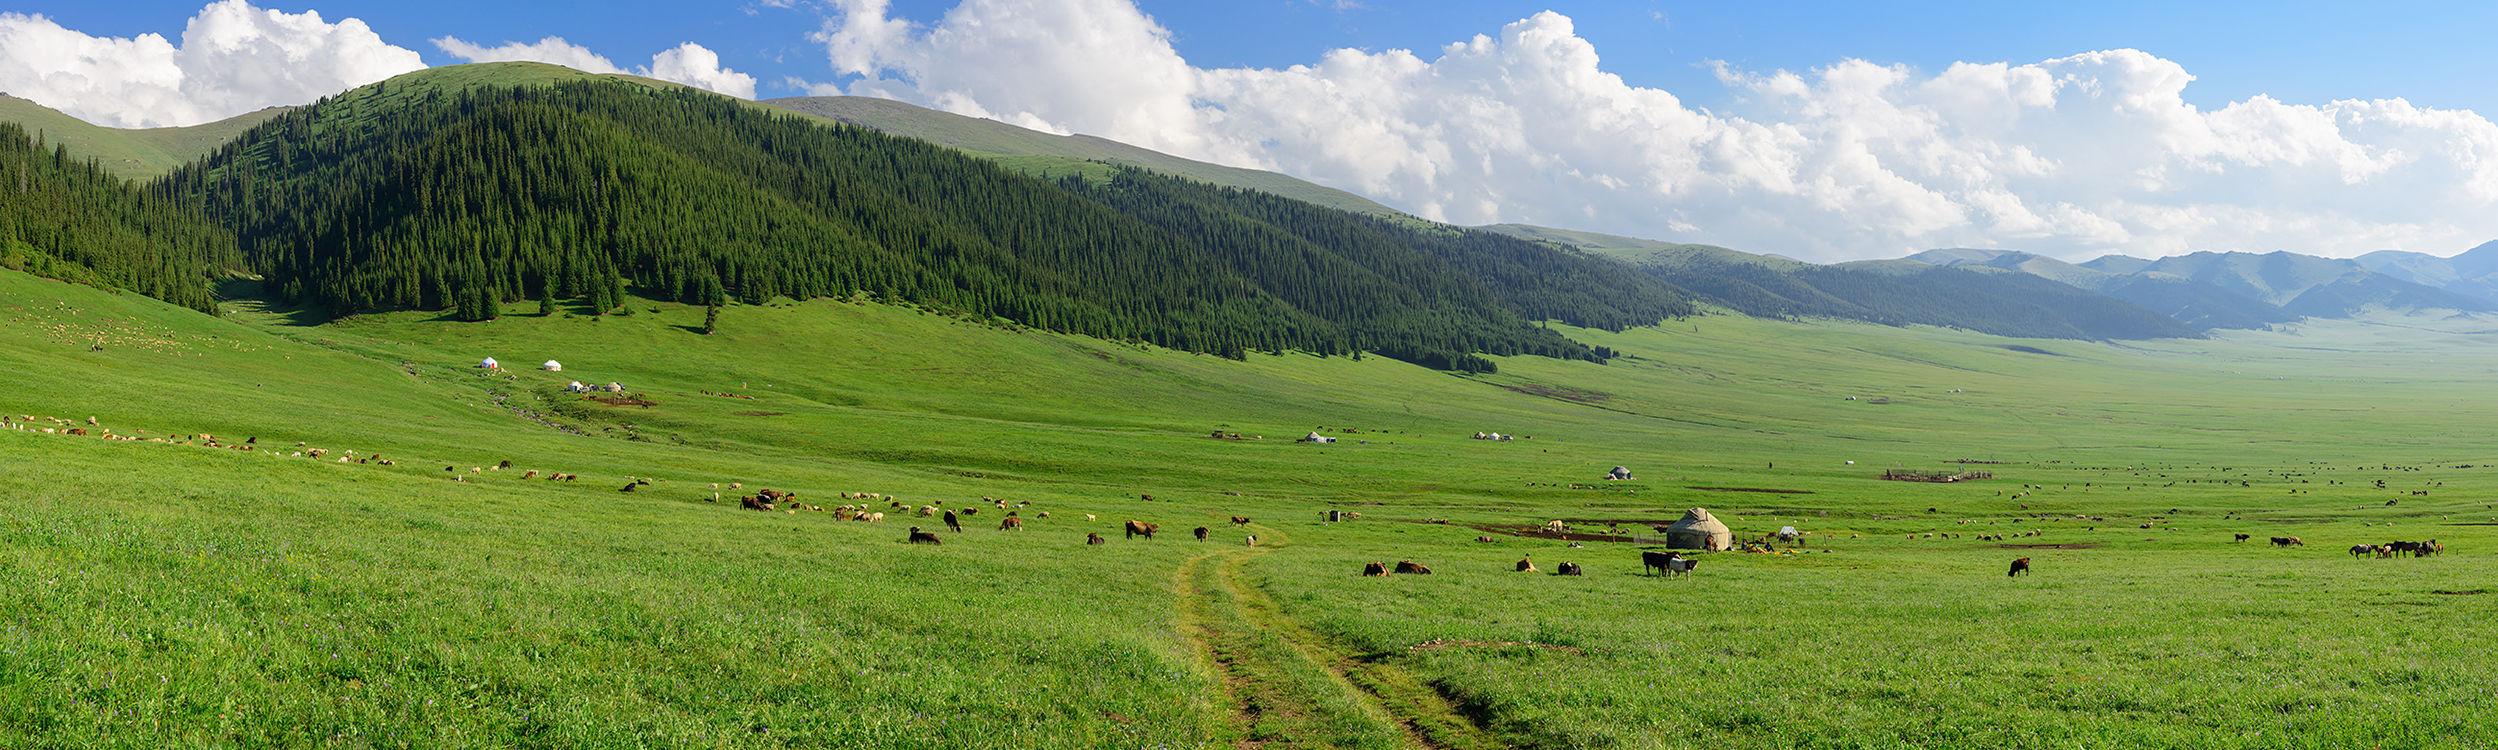 Kazakhstan rencontres culture rencontres en ligne Diaries Daily Mail co Royaume-Uni